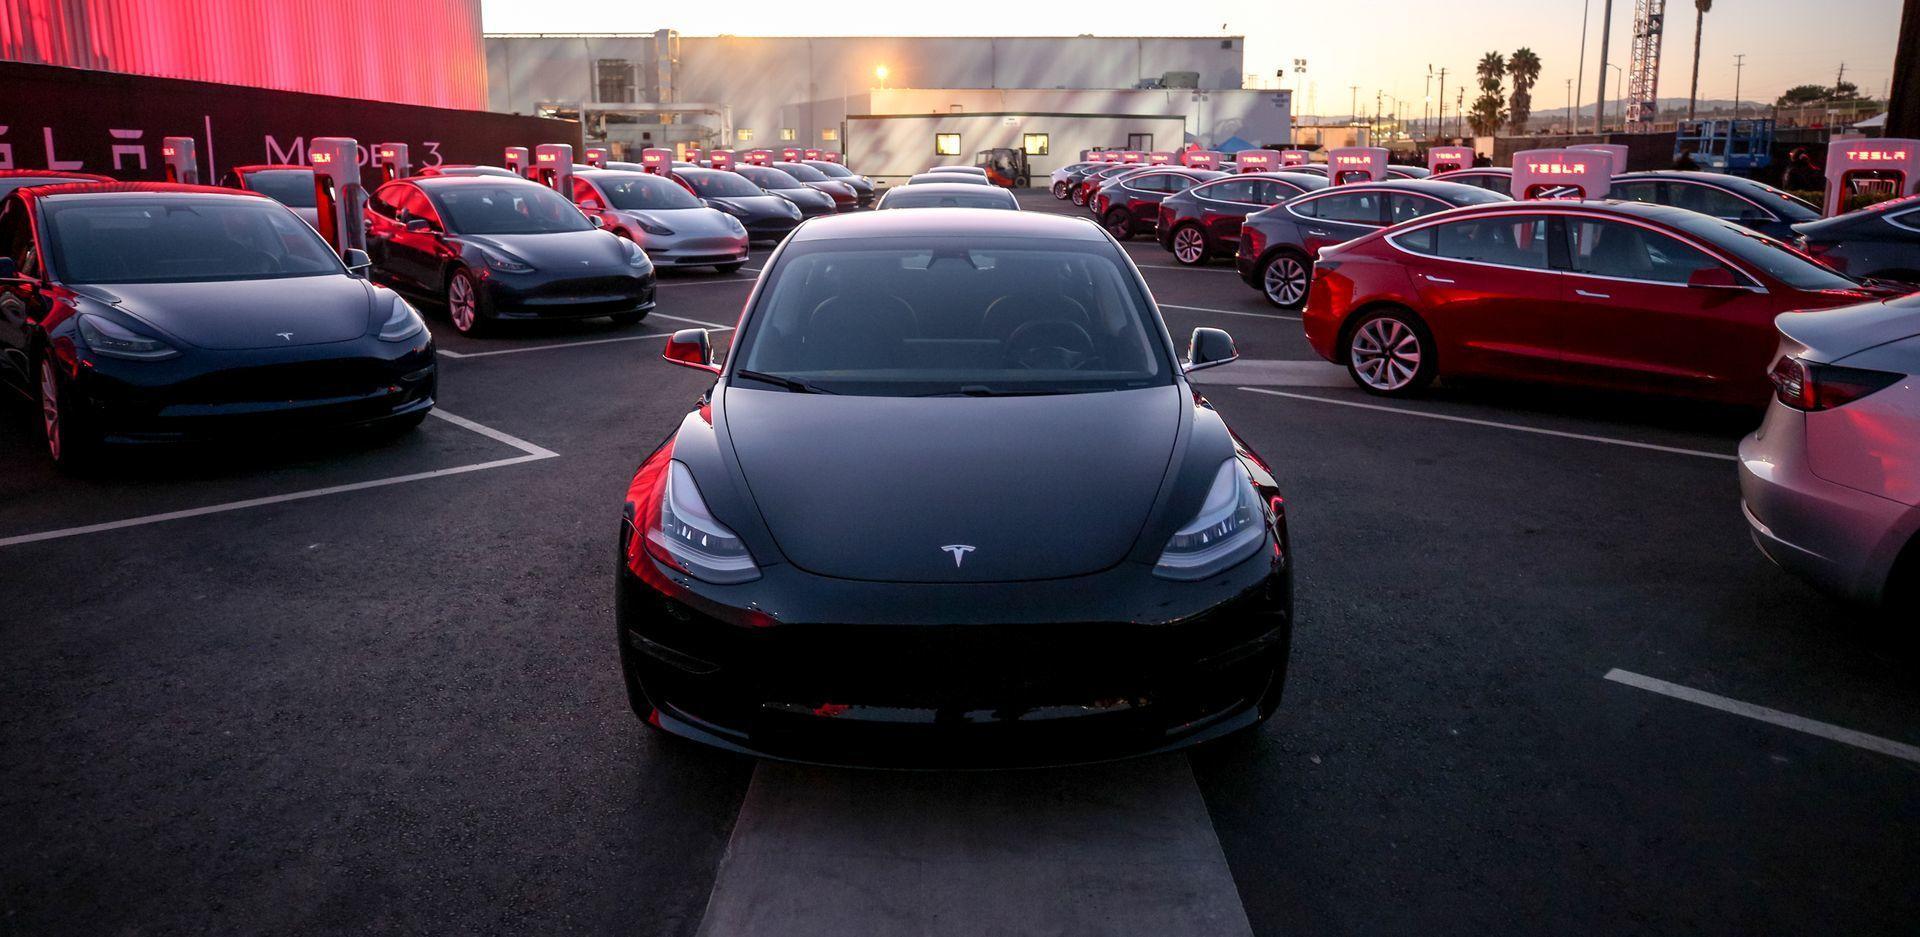 La expansión de Tesla es imparable: dominarán el mercado de los EV